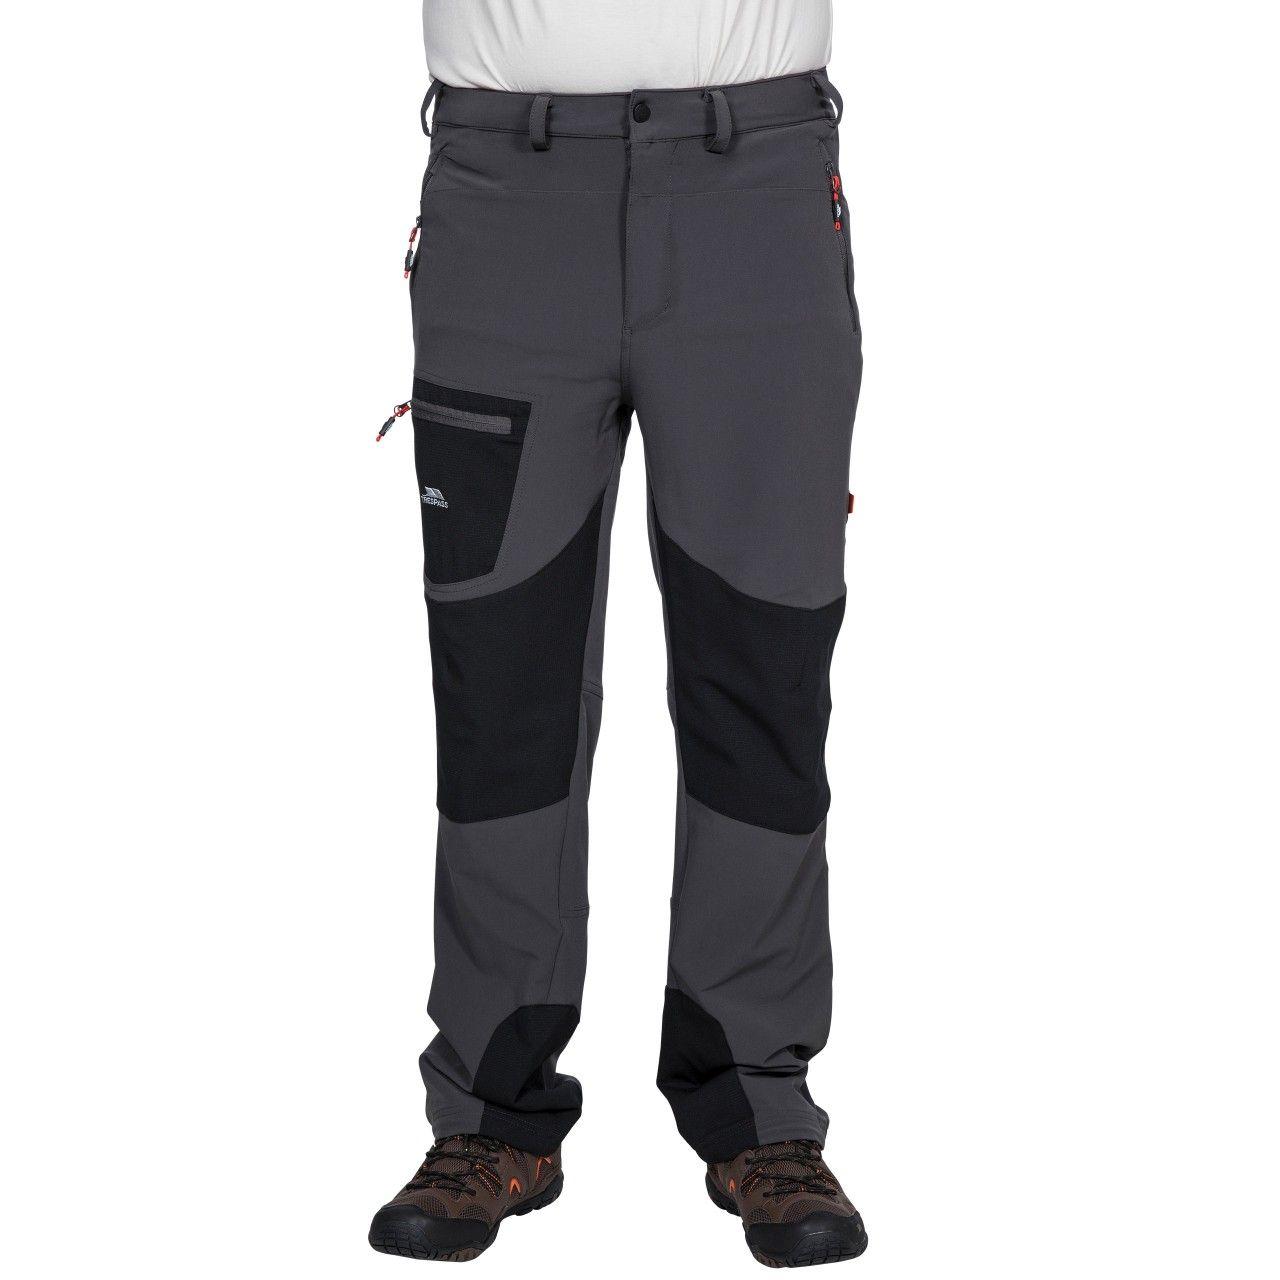 Trespass Mens Passcode Hiking Trousers